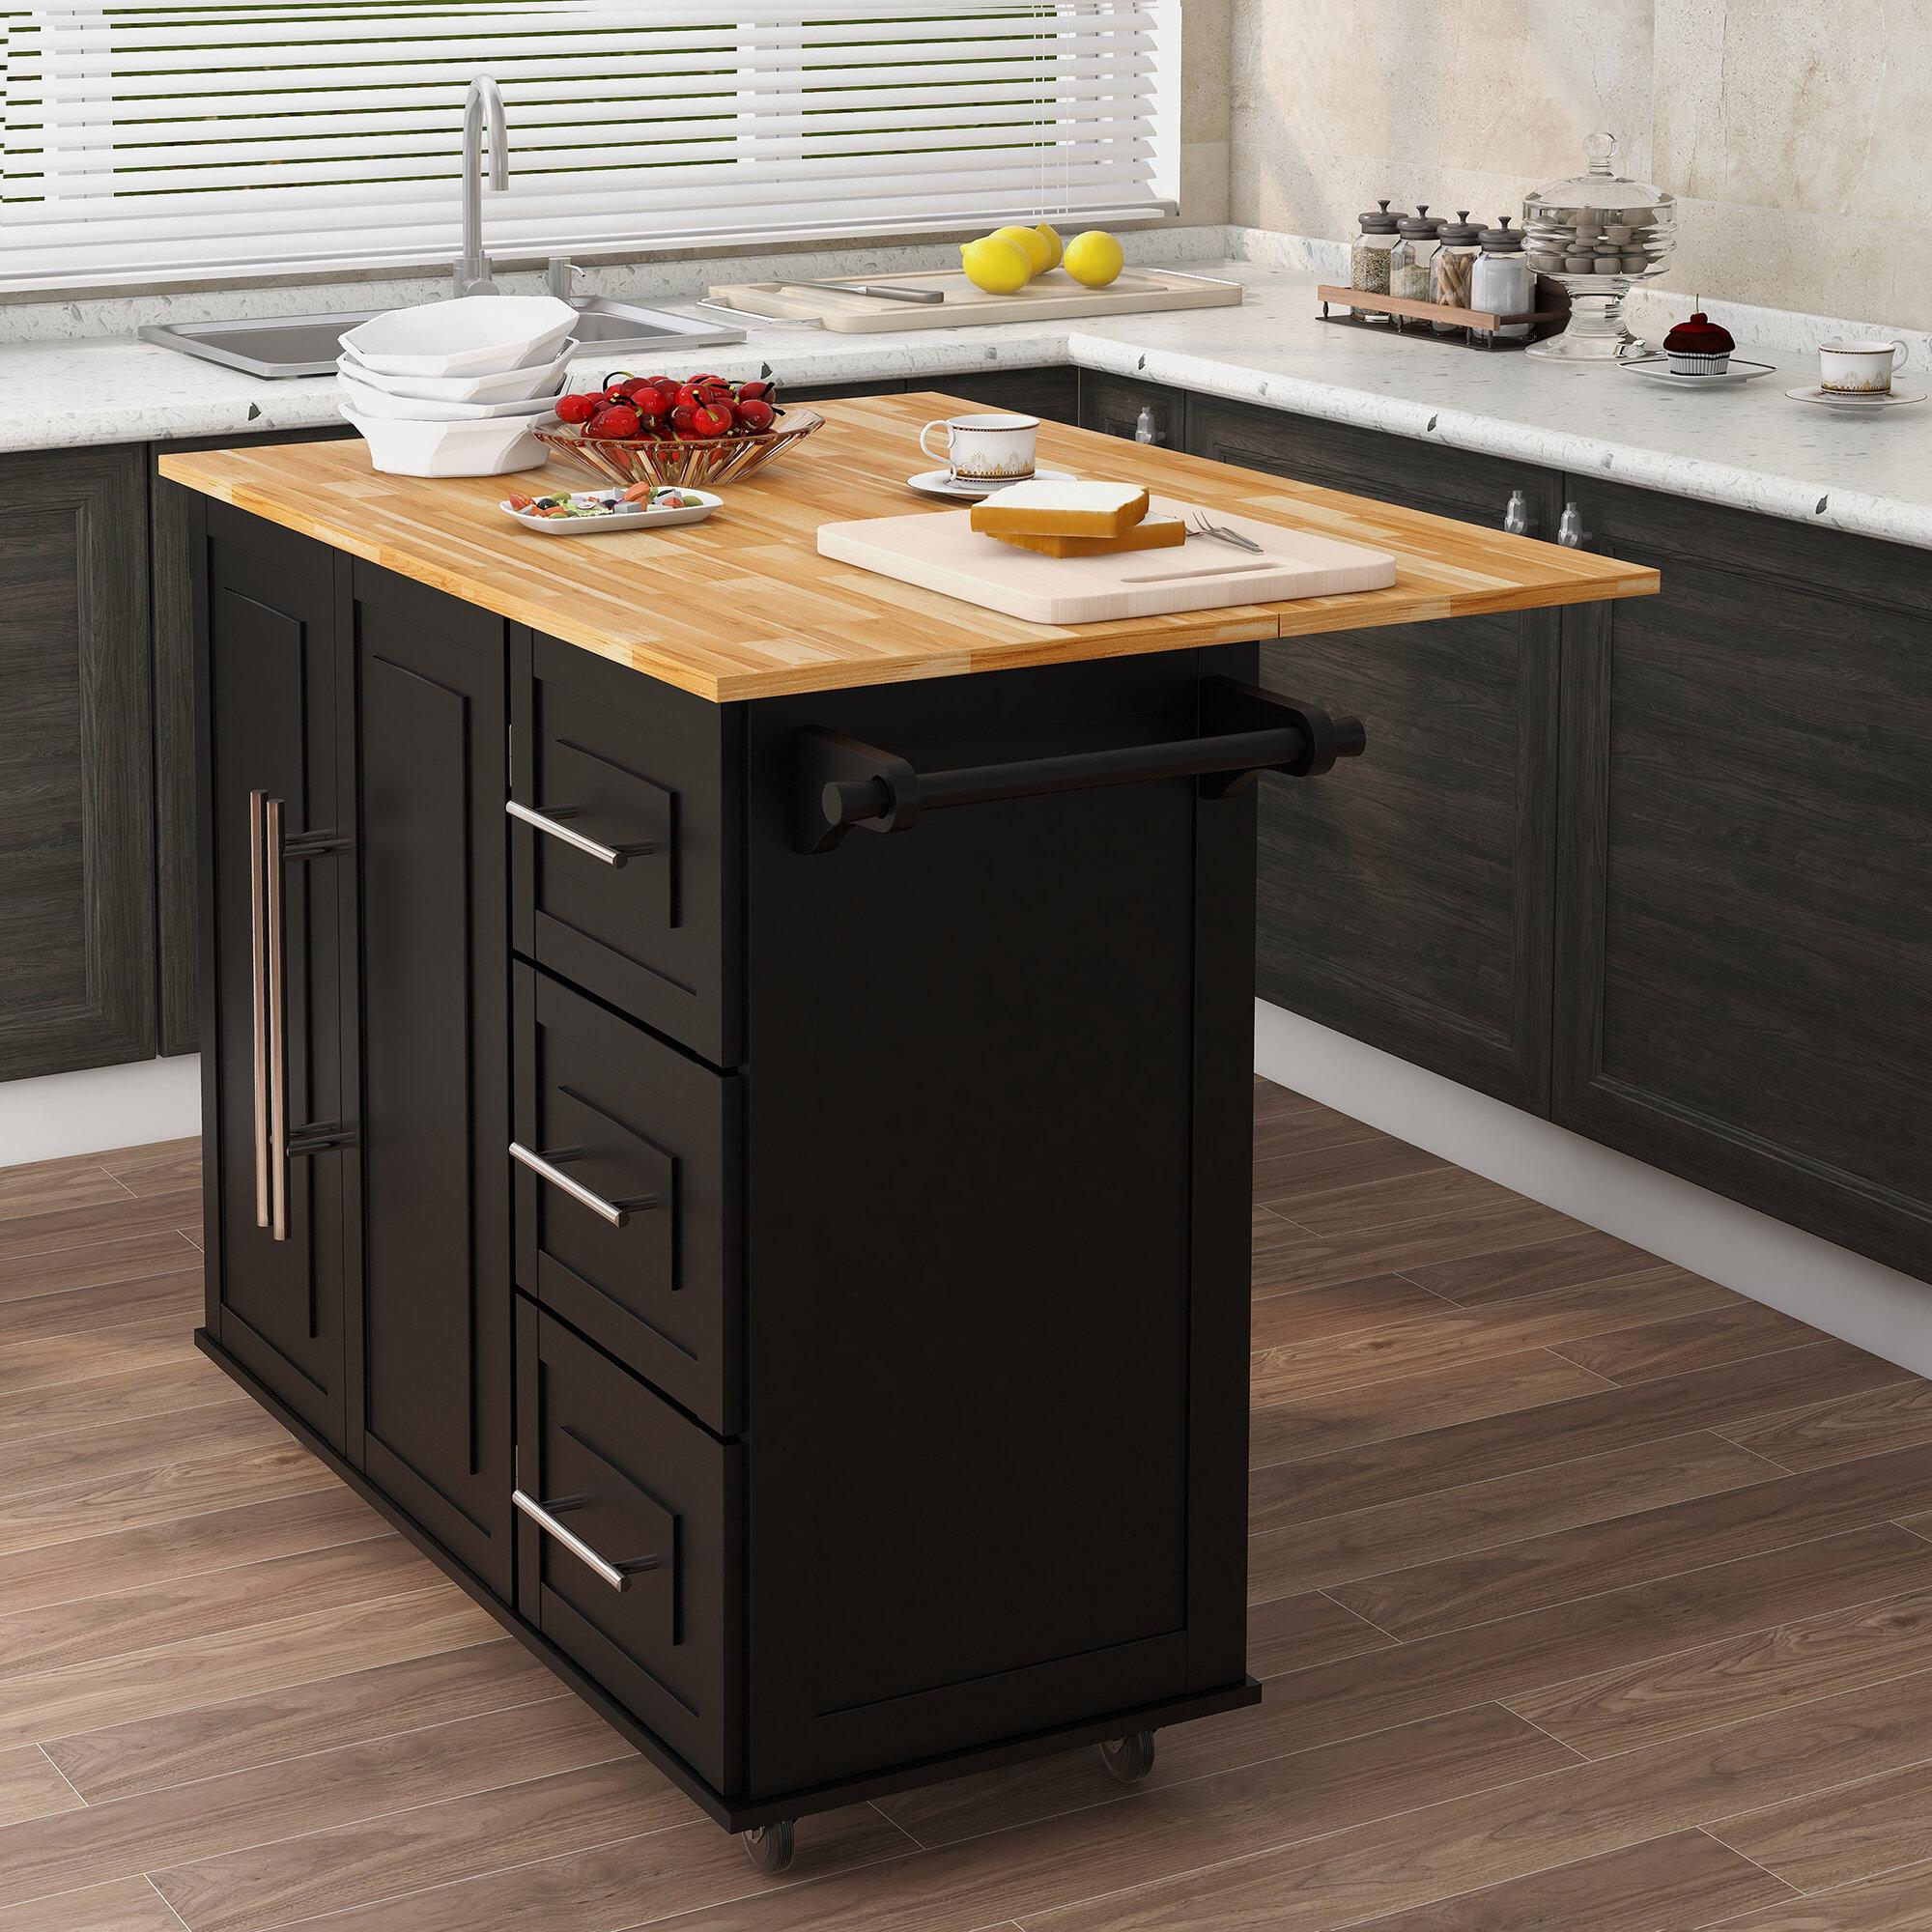 Prep Savour Folding Table Top Kitchen Island With Wheels White Wayfair Ca